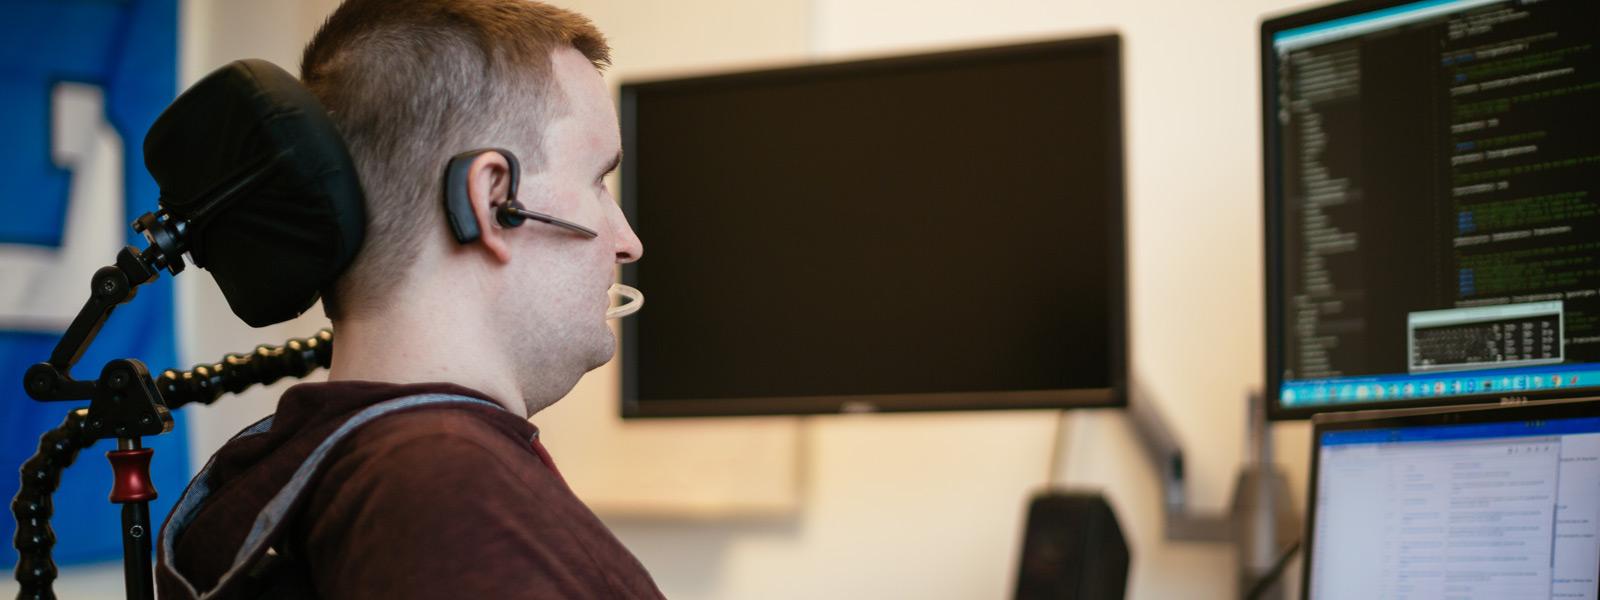 Čovjek za stolom koristi pomoćnu hardversku tehnologiju radi korištenja računala sa sustavom Windows 10 pomoću upravljanja pogledom